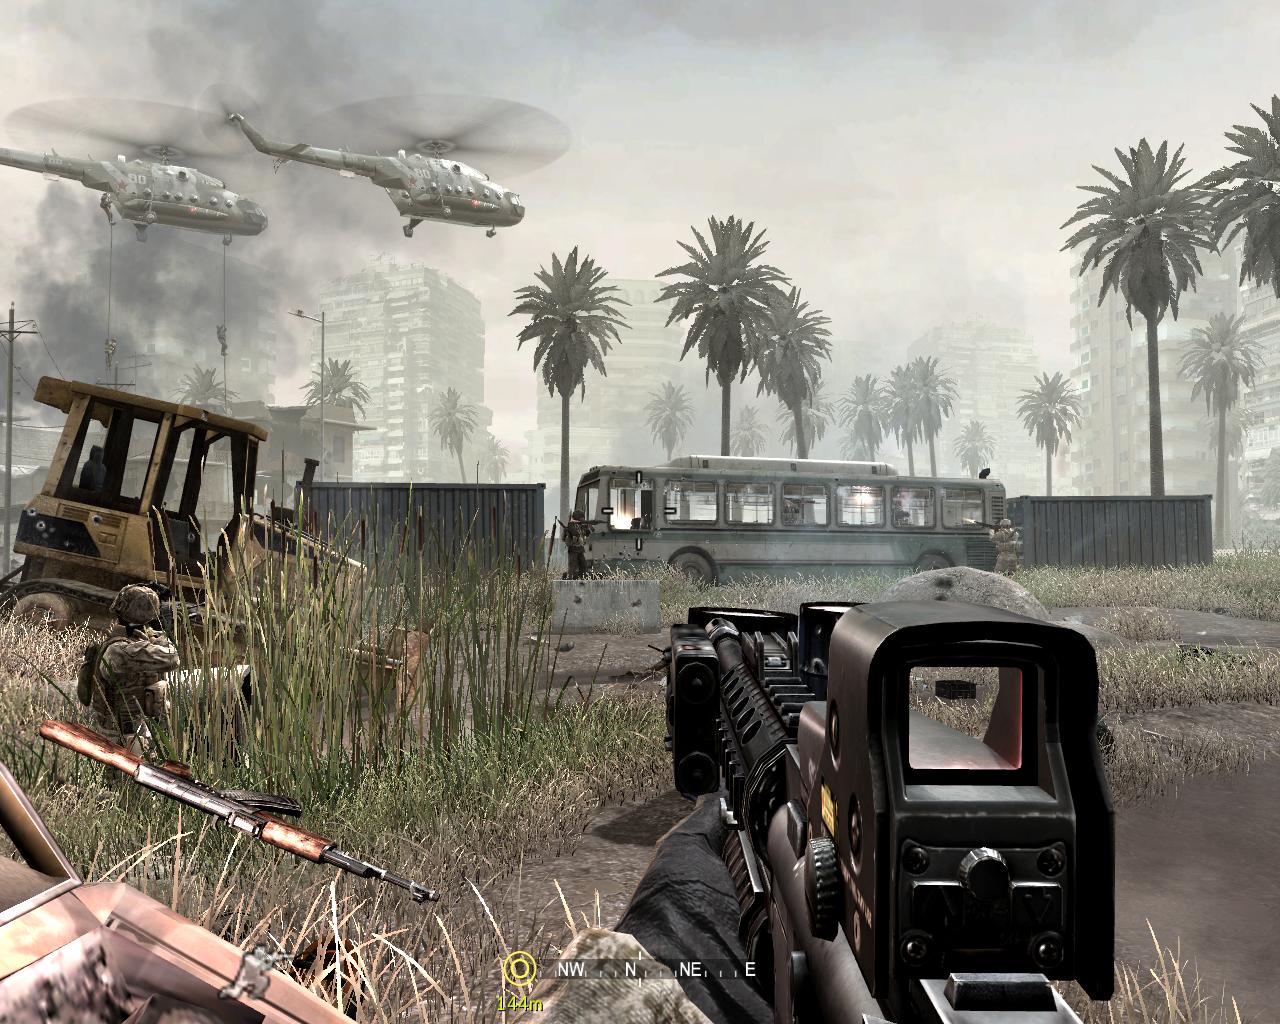 call of duty apocalypse - photo #16